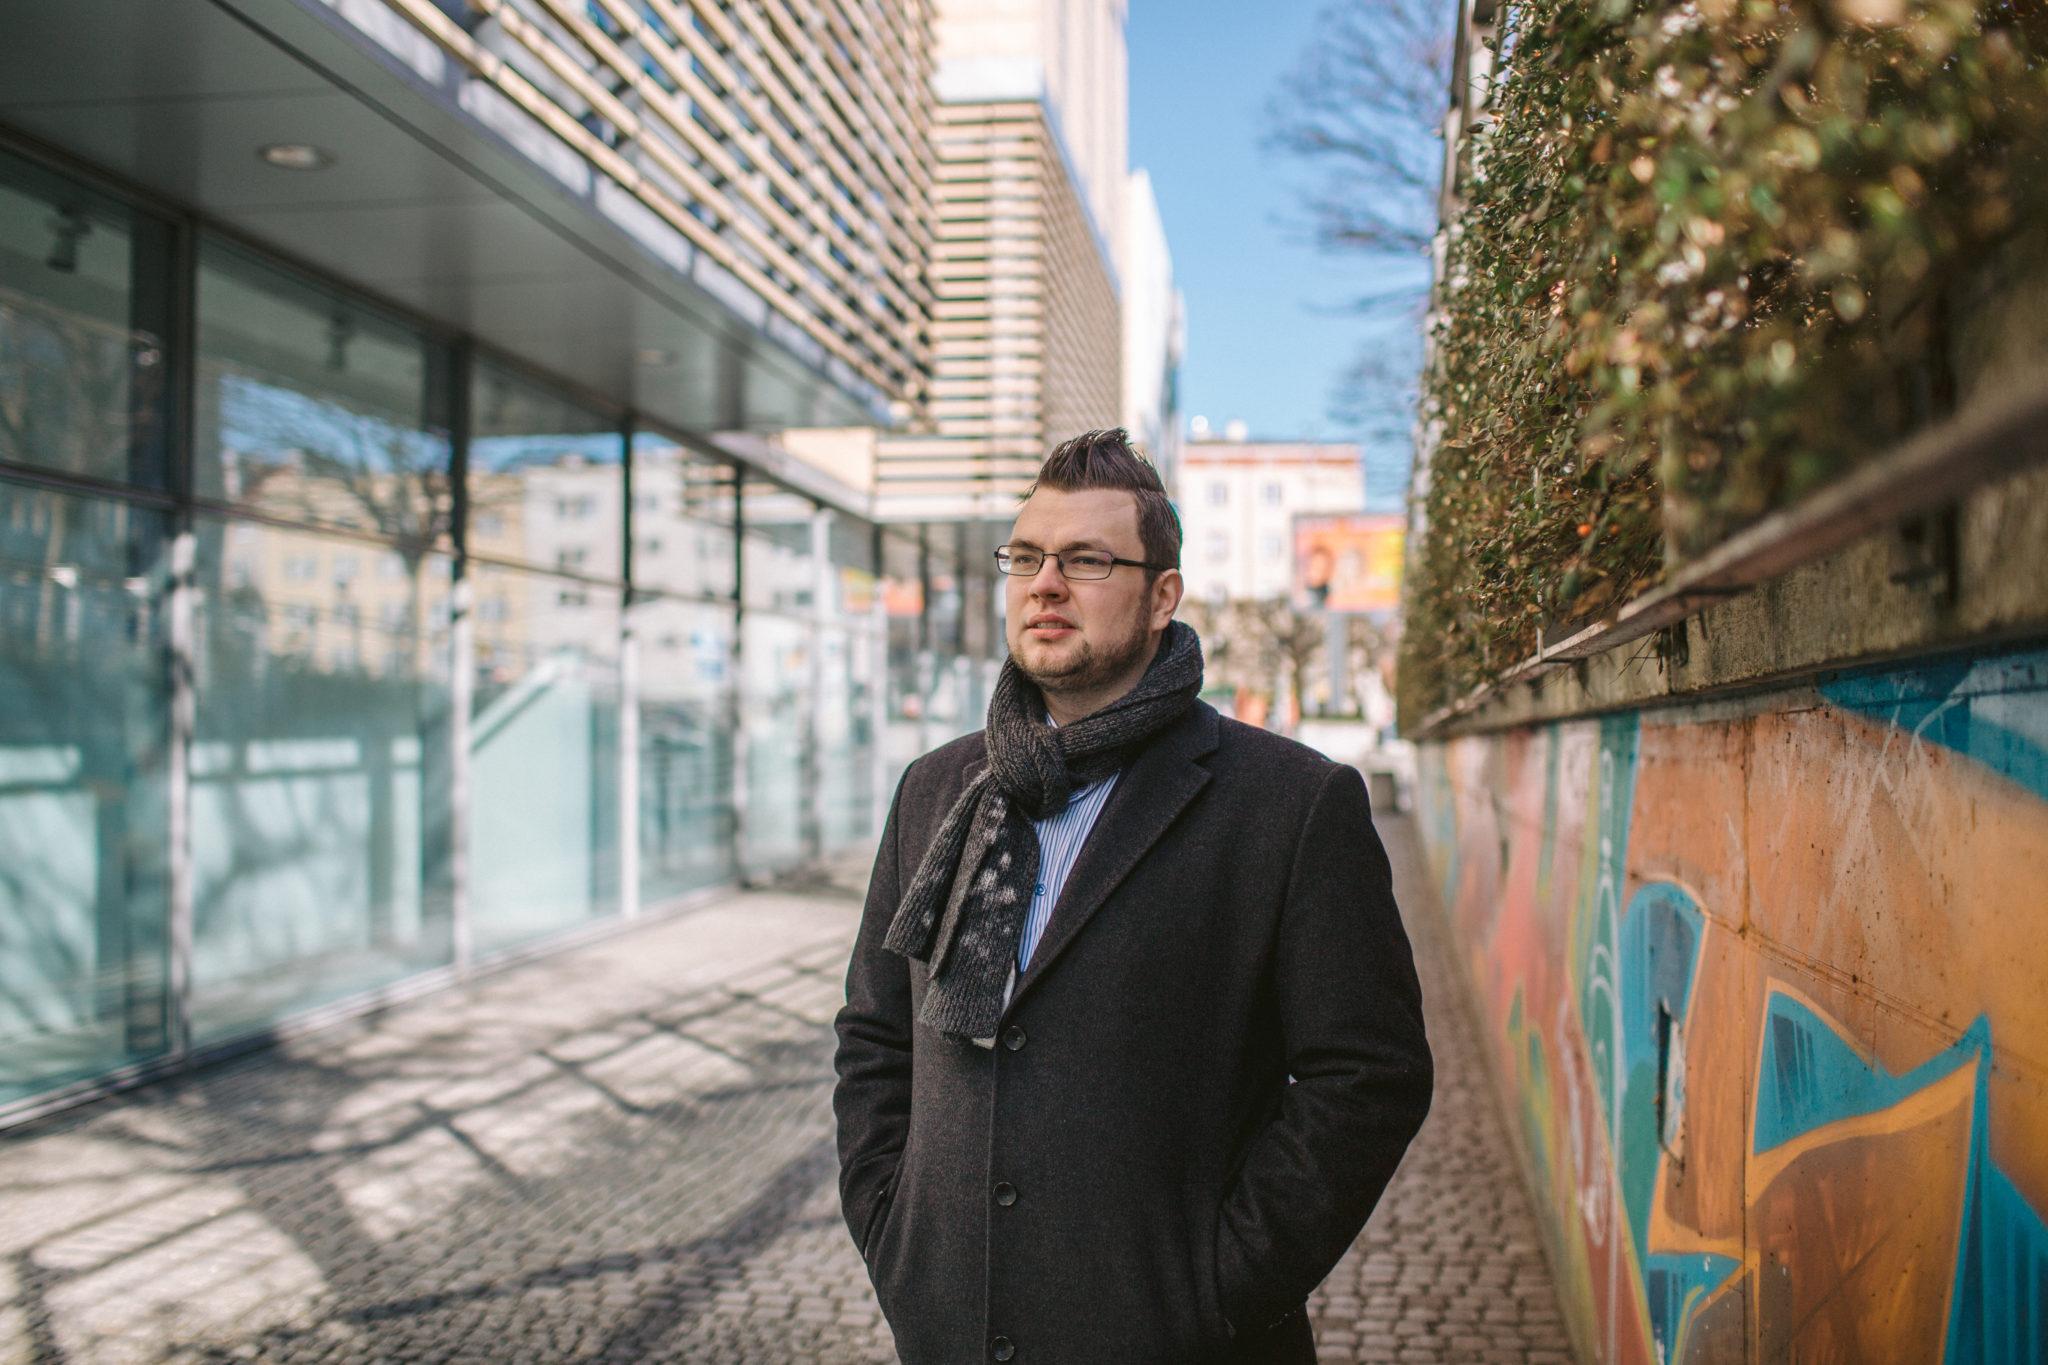 Harri Riihimäki Vuokranantajat ry haastattelu